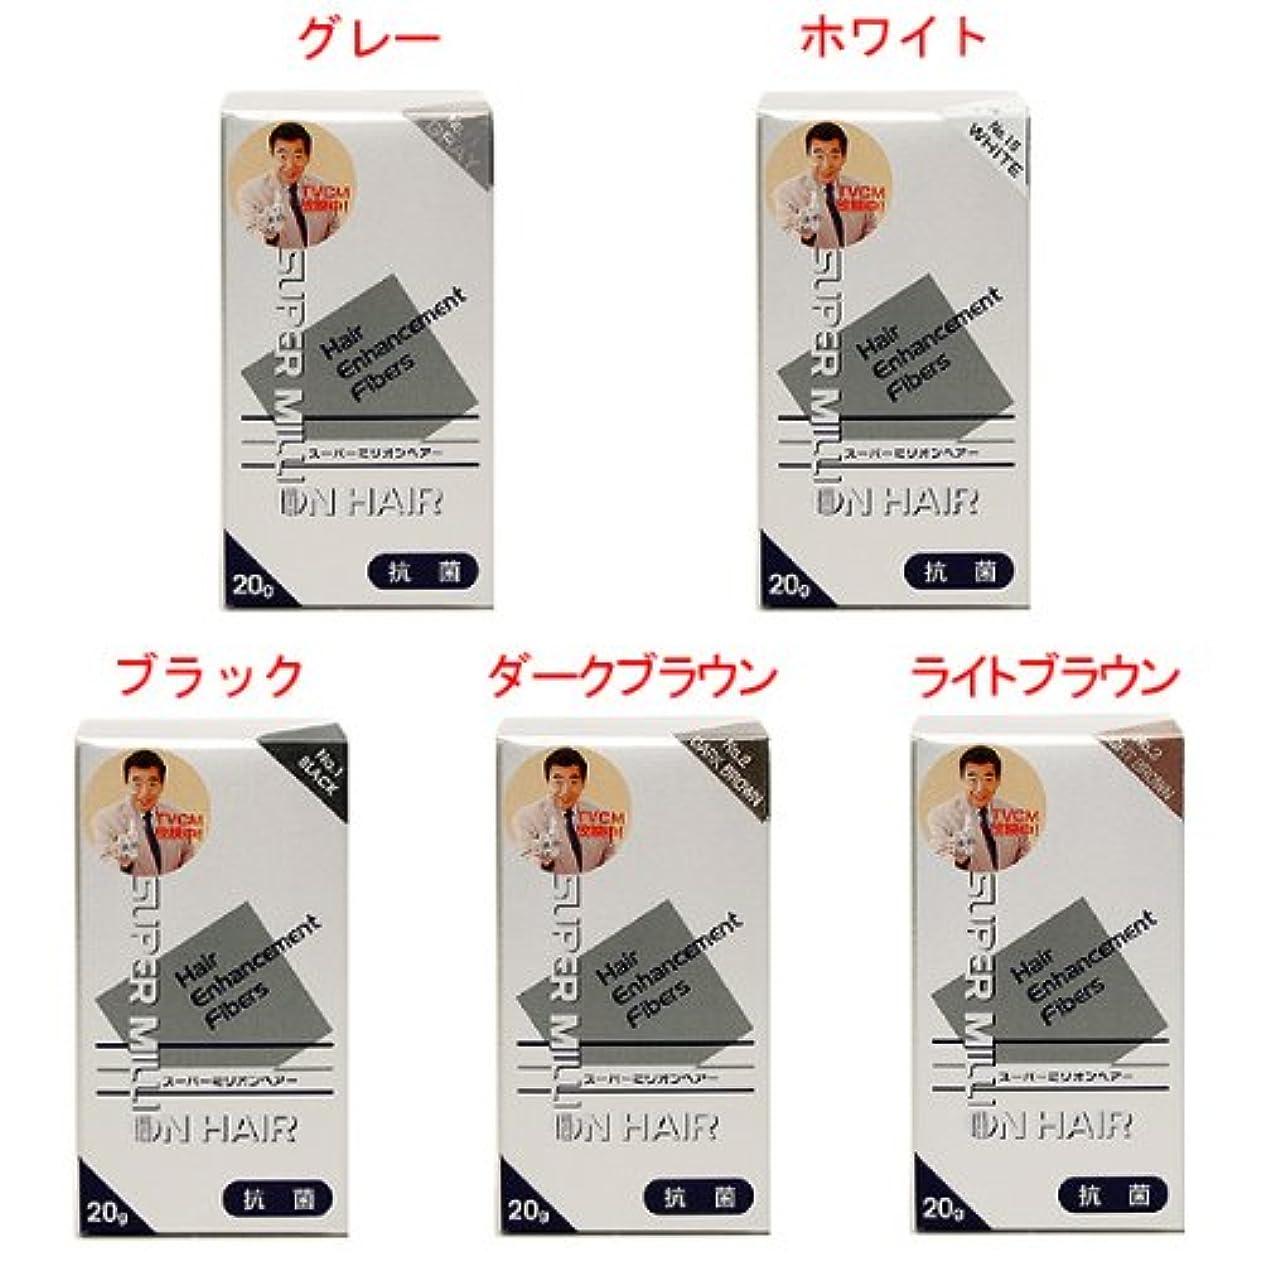 チャームサーバント商標スーパーミリオンこげ茶20G3500 ルアン(株)